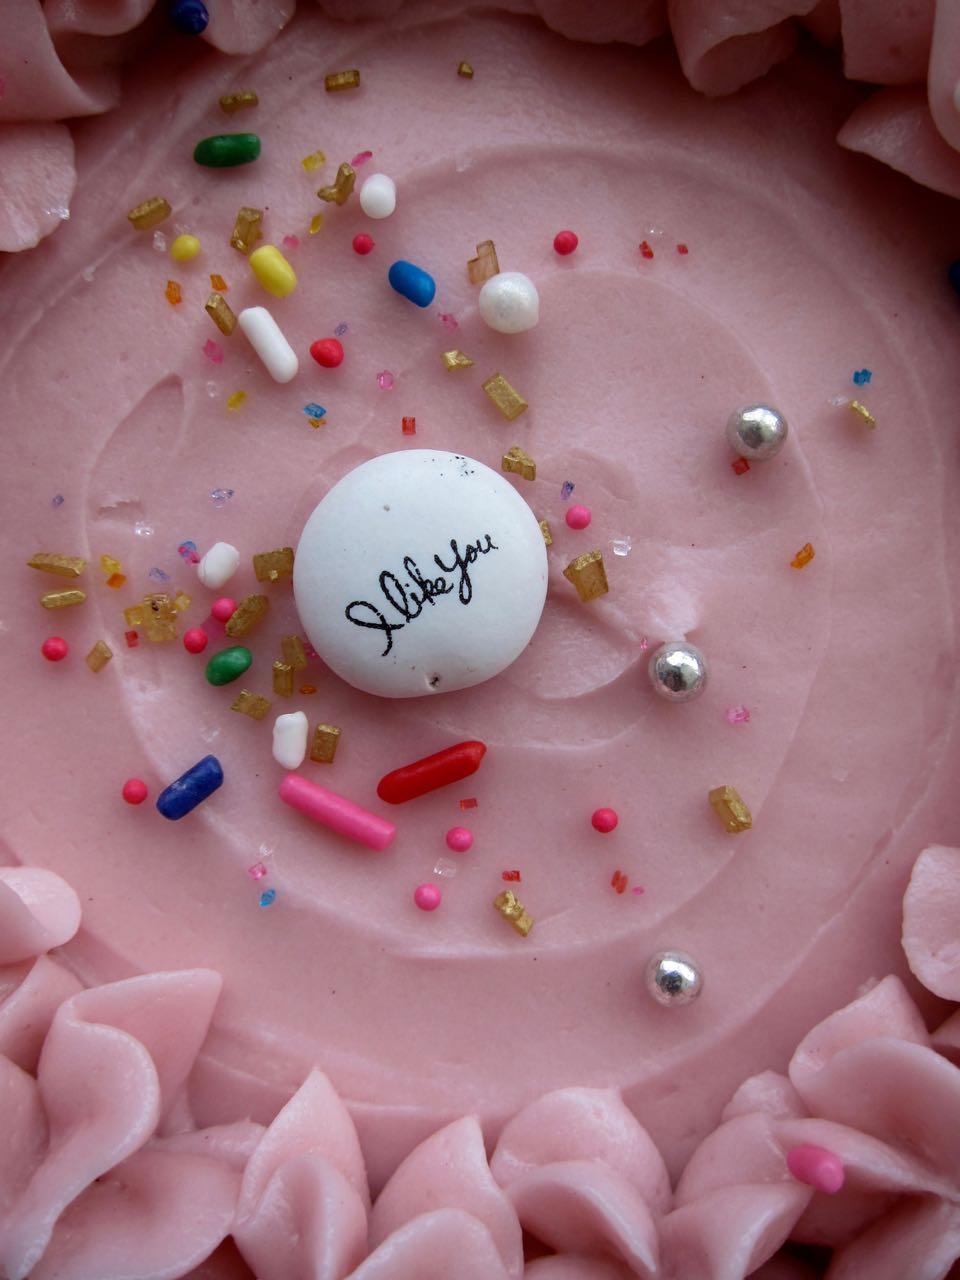 I lIke you cake